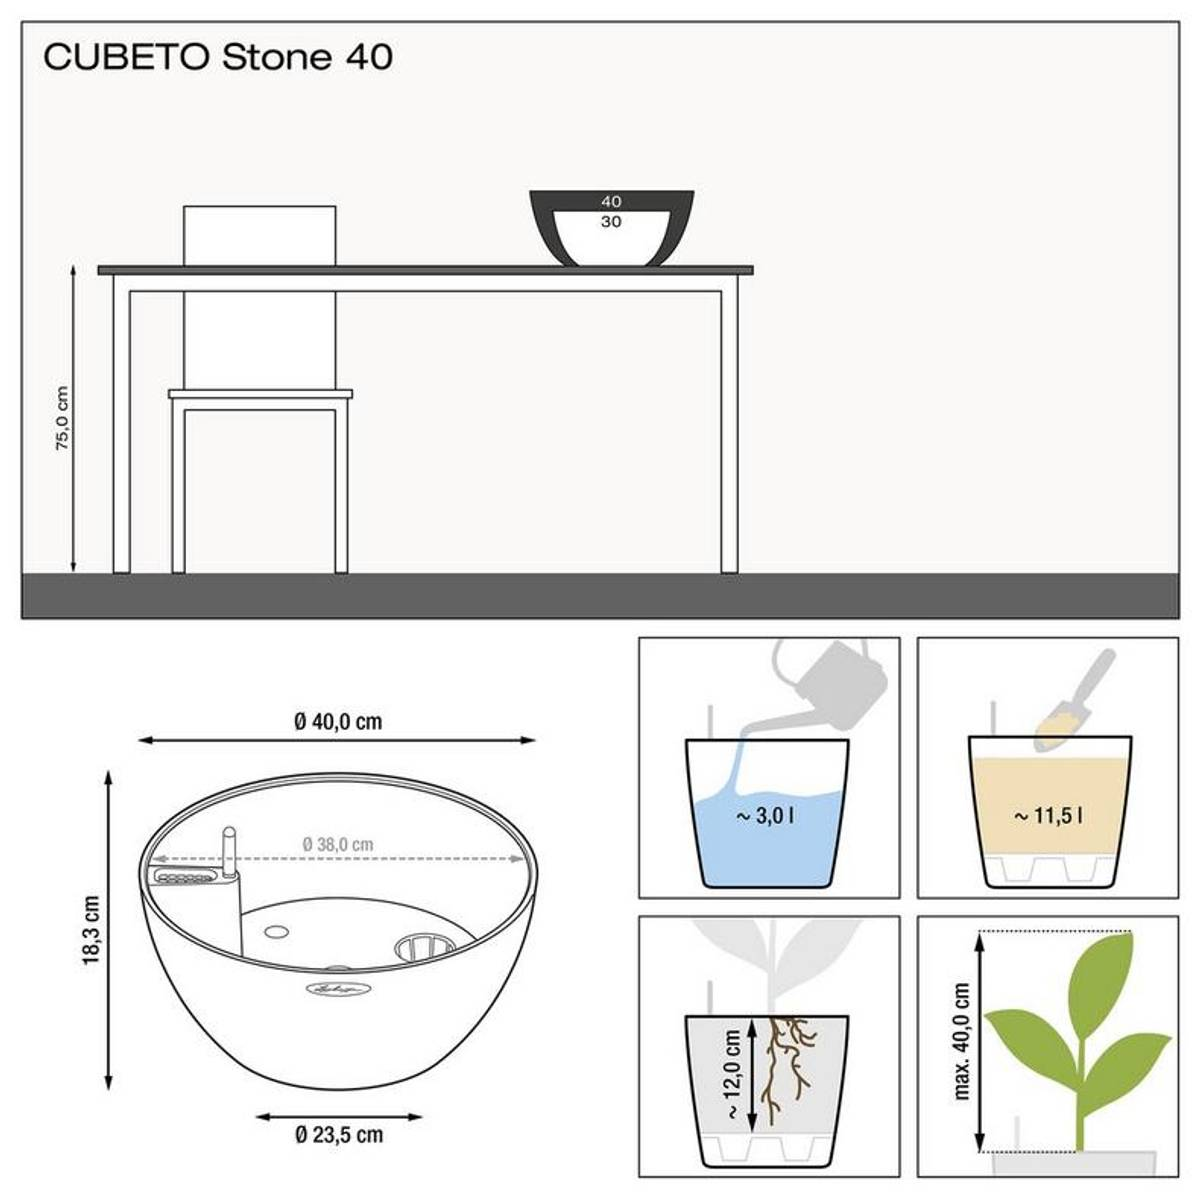 Cubeto Stone 40 'Graphite Black, Lechuza Blomsterpotte